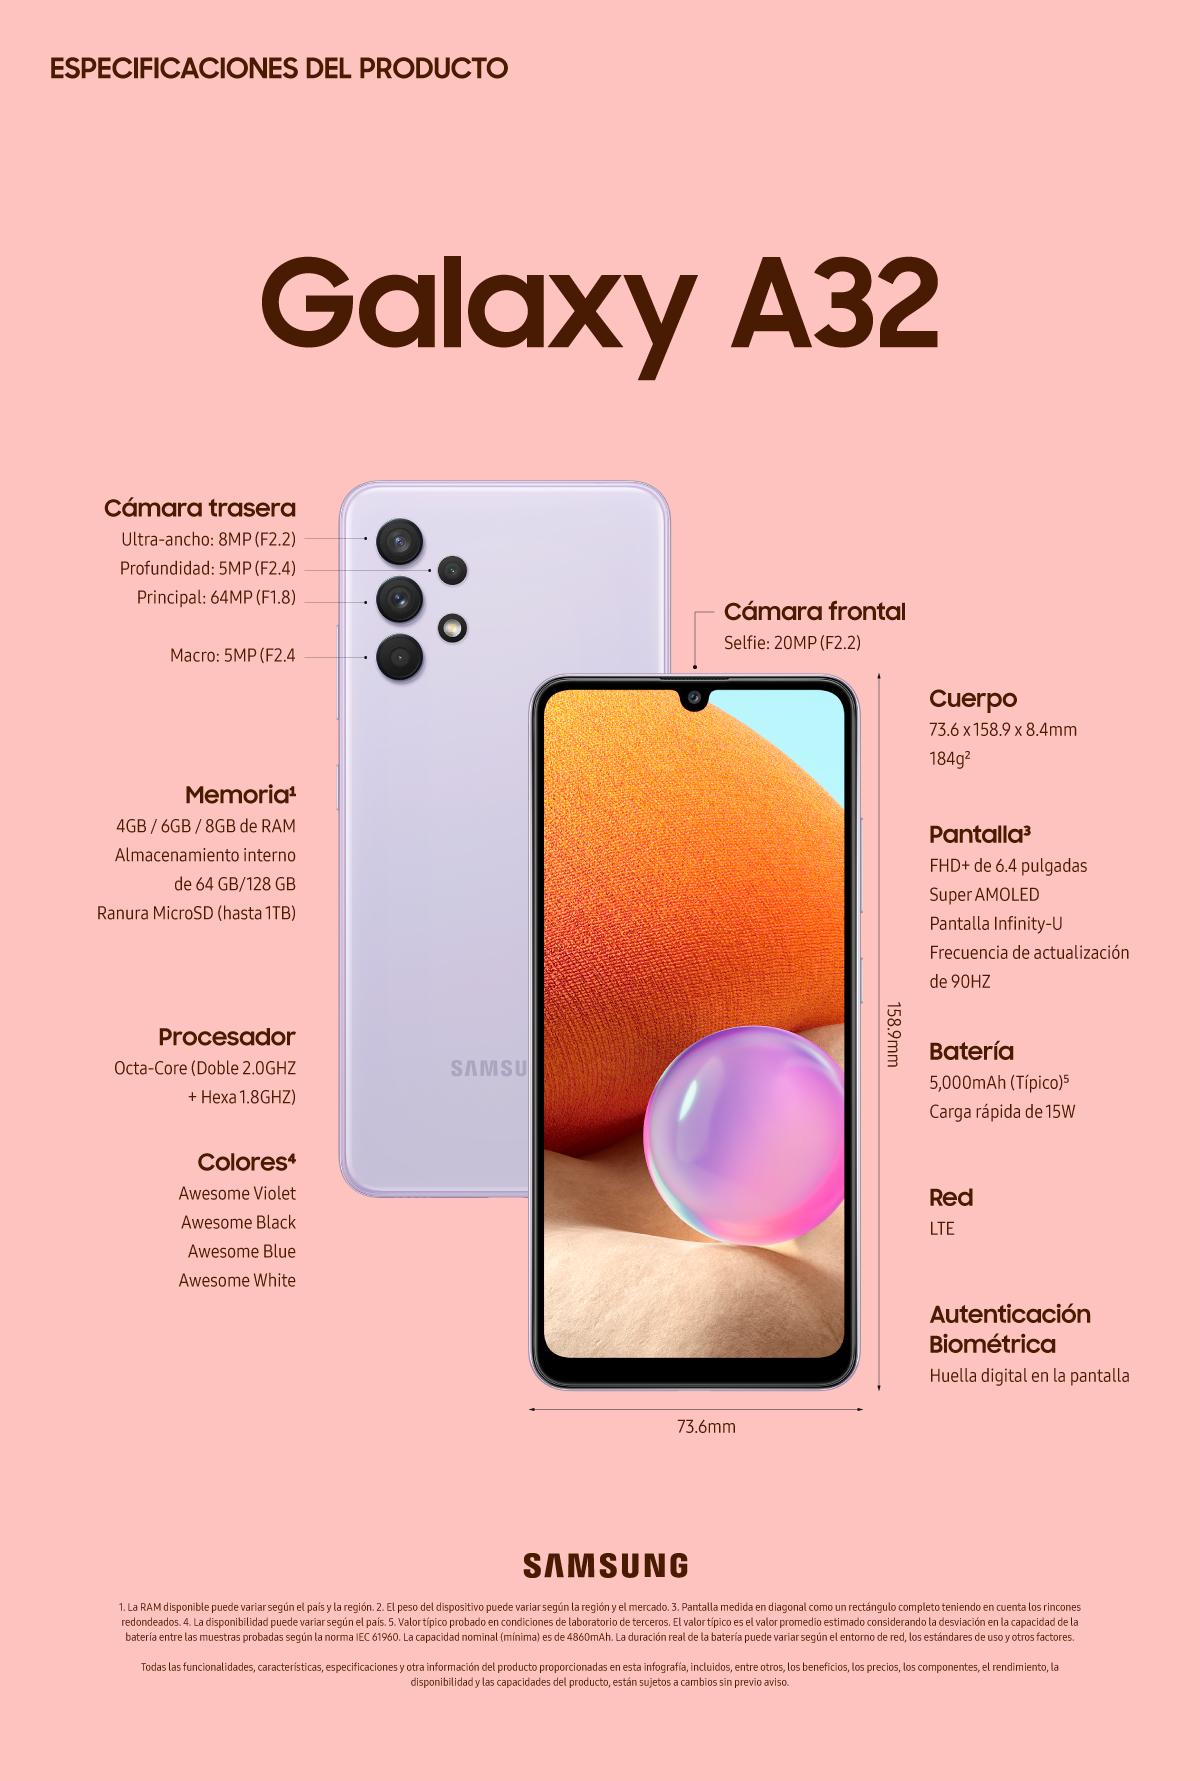 Especificaciones] Descubre más de lo que te encanta con el Galaxy A32 – Samsung Newsroom Latinoamérica